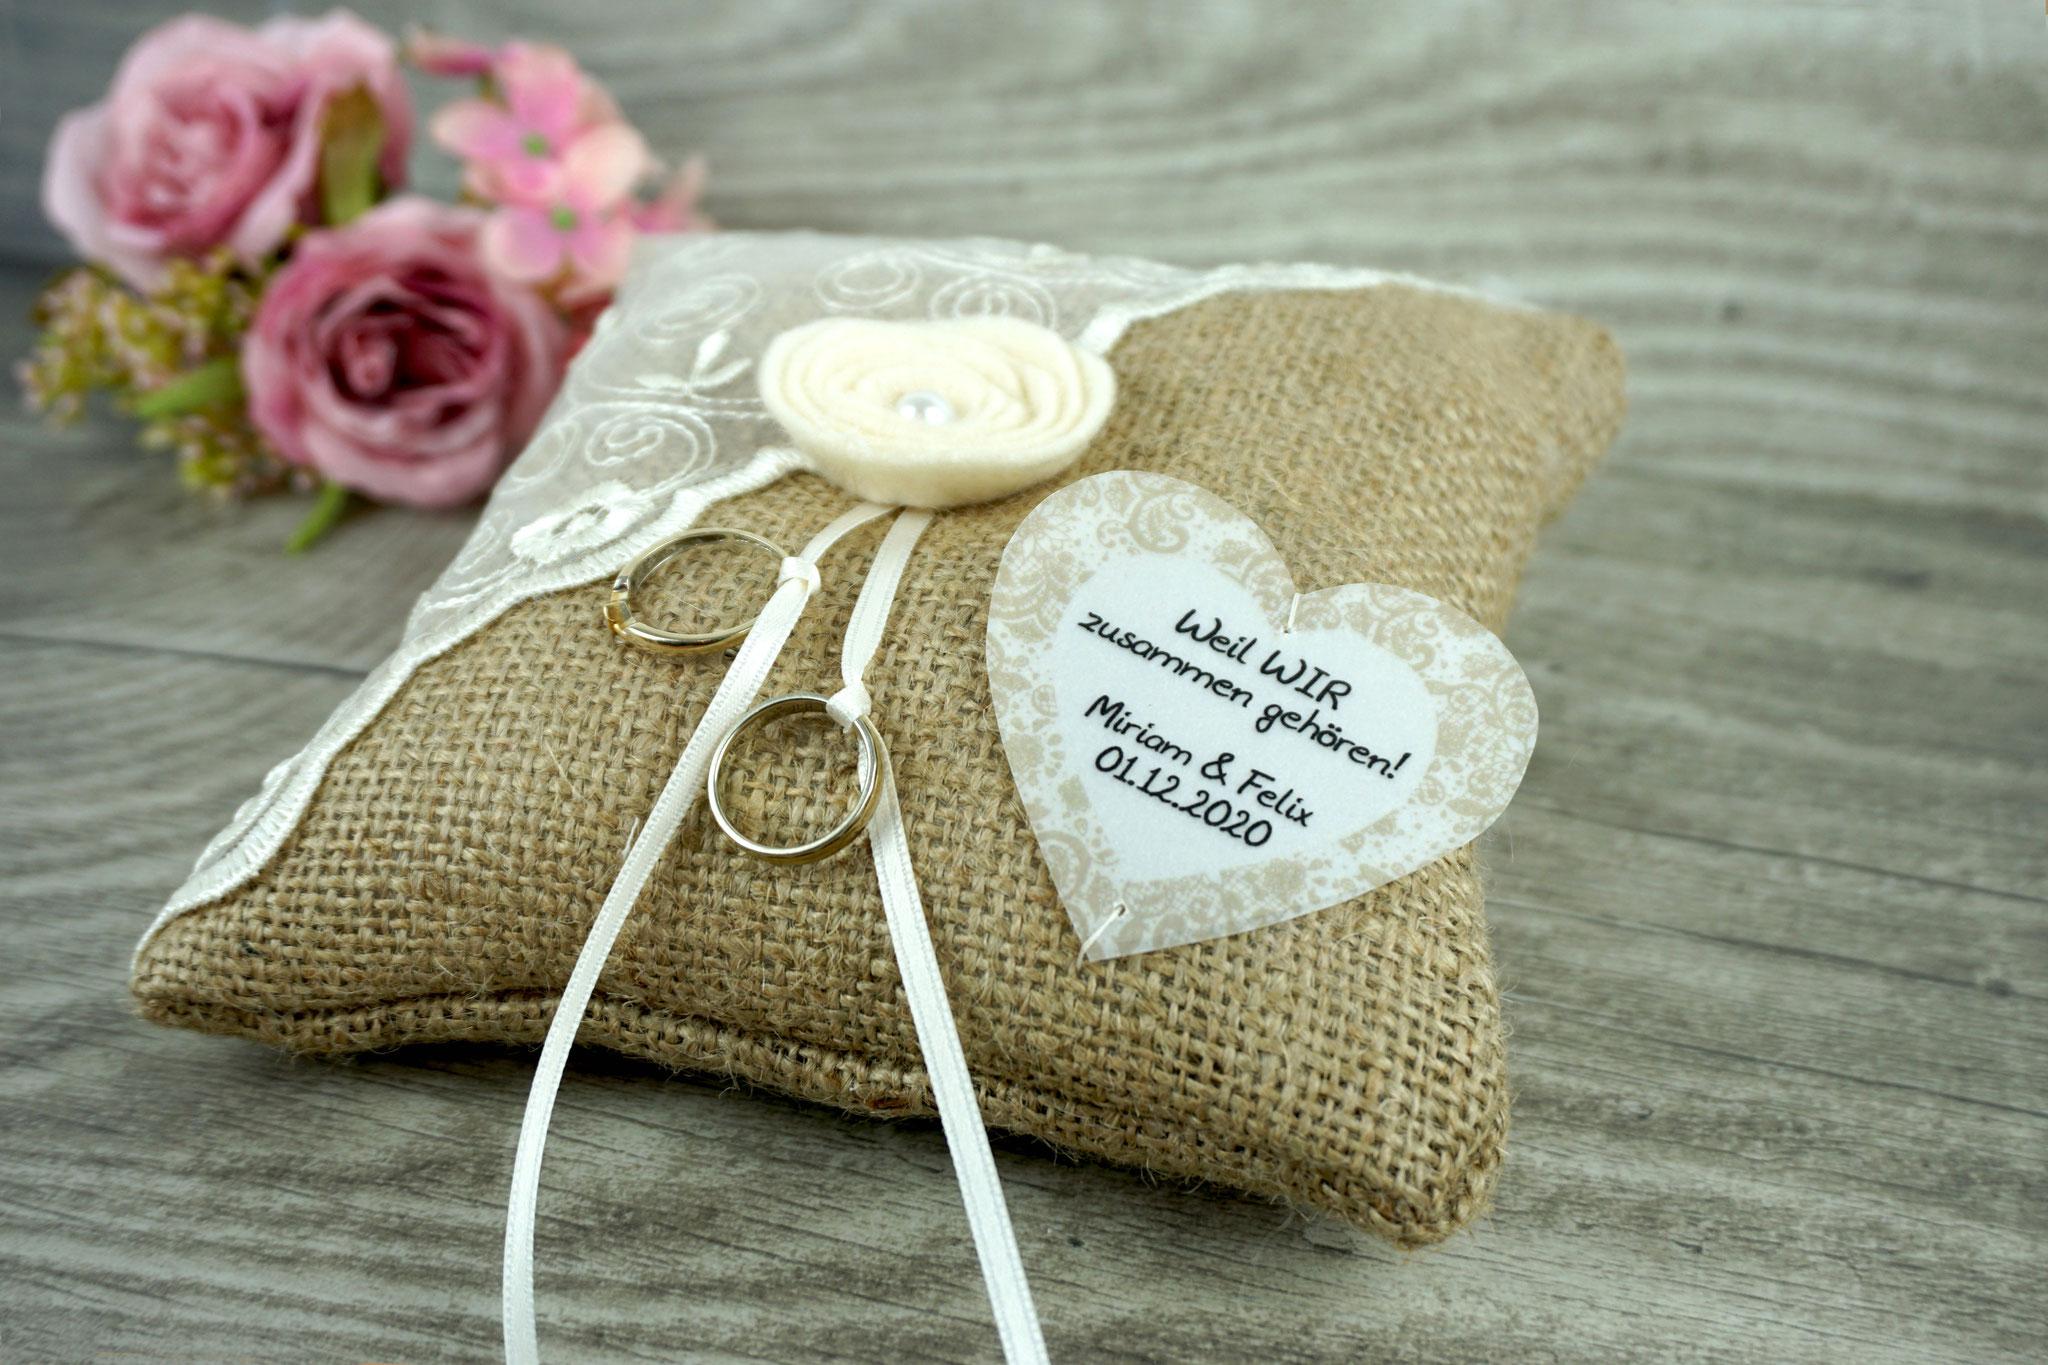 Ringkissen Jute mit Filzblume und Herz aus Pergamentpapier